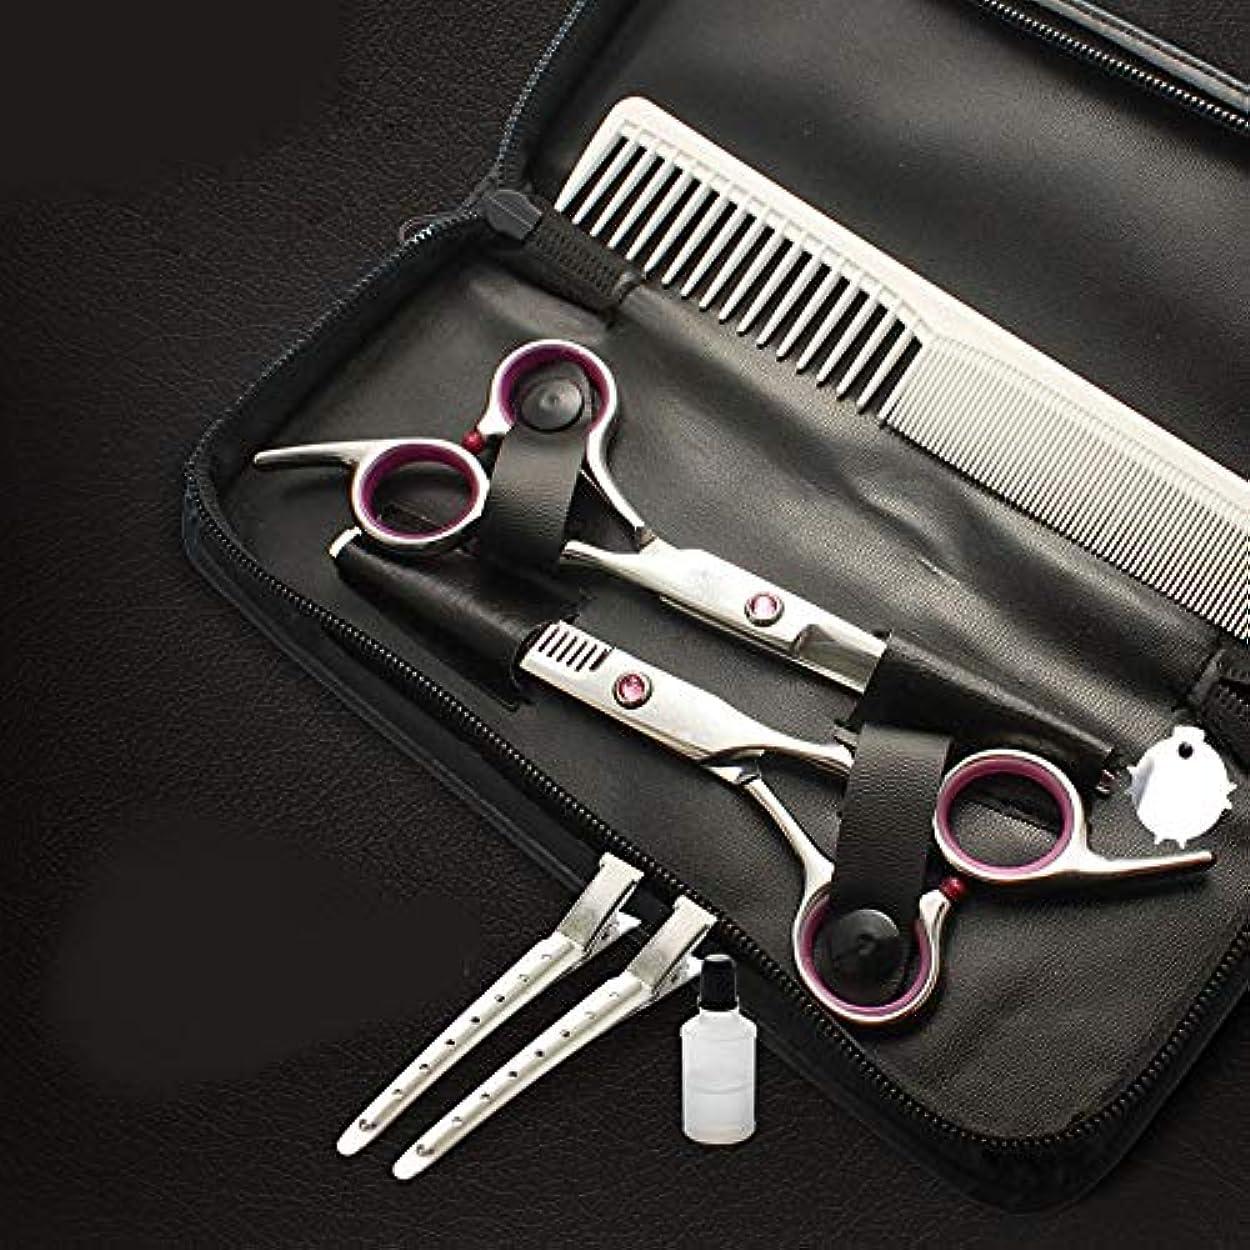 回転する神経記憶Goodsok-jp 6インチプロフェッショナルセット理髪セット子供用はさみ (色 : ピンク)